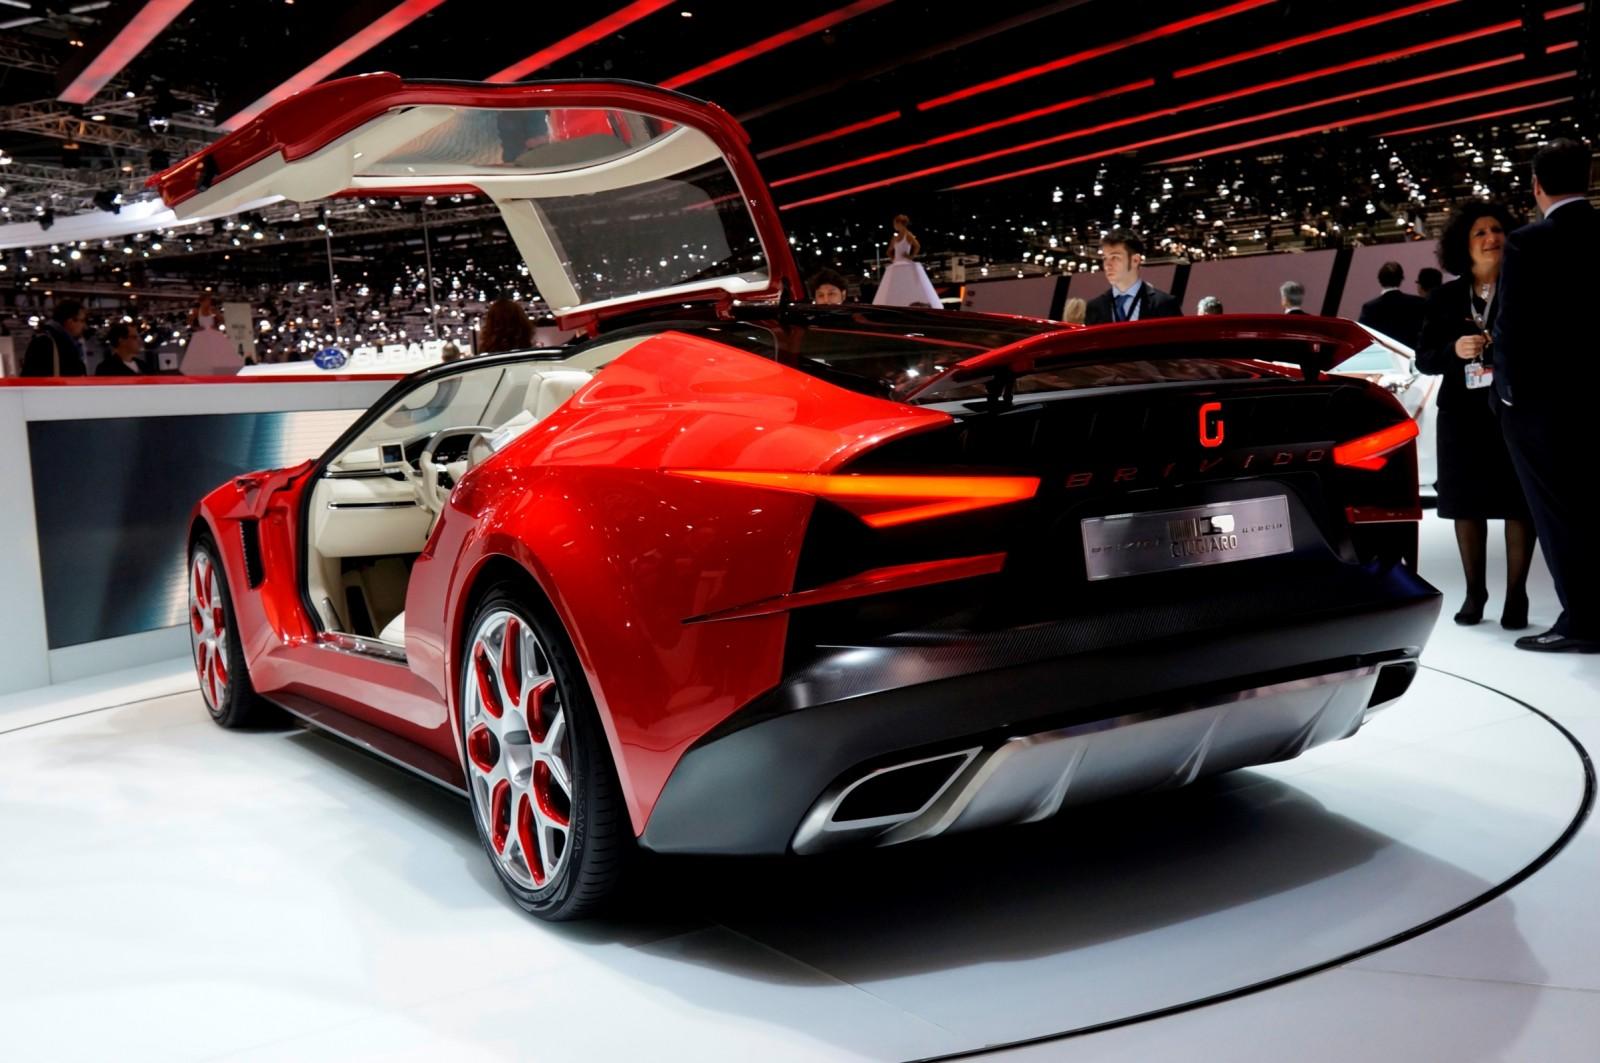 2012 ItalDesign Giugiaro BRIVIDO Concept 3